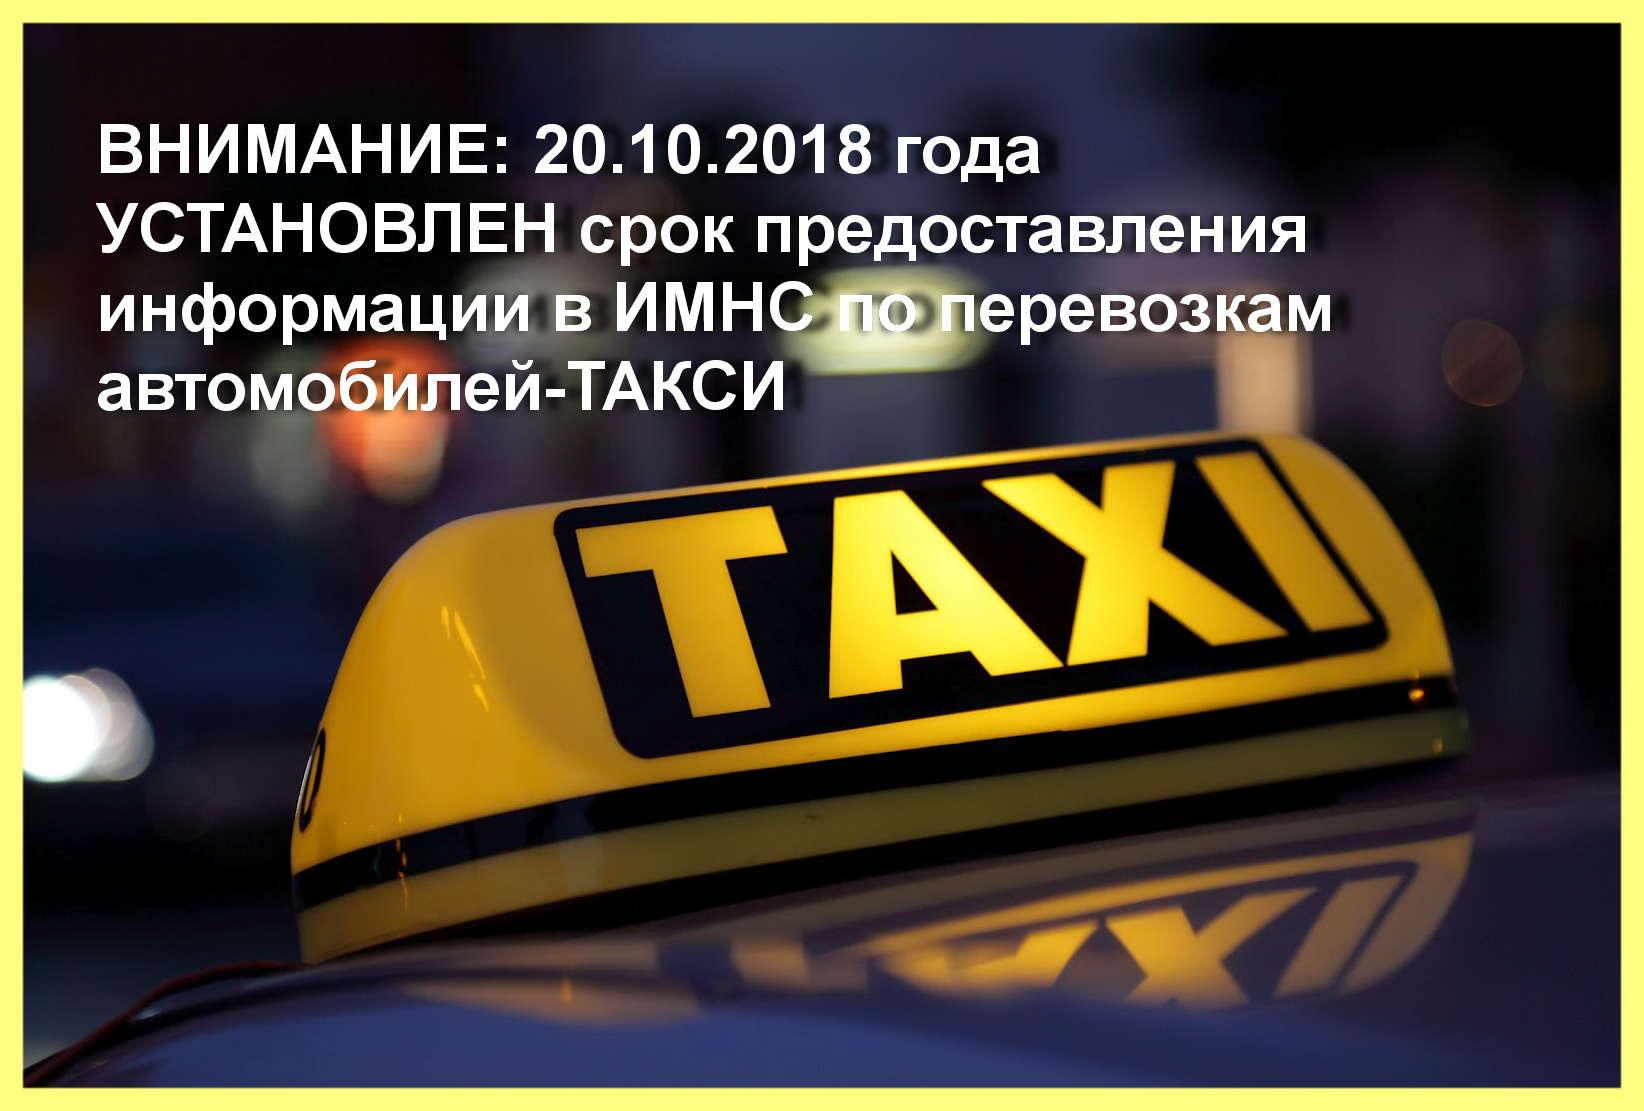 Такси срок информации в ИМНС